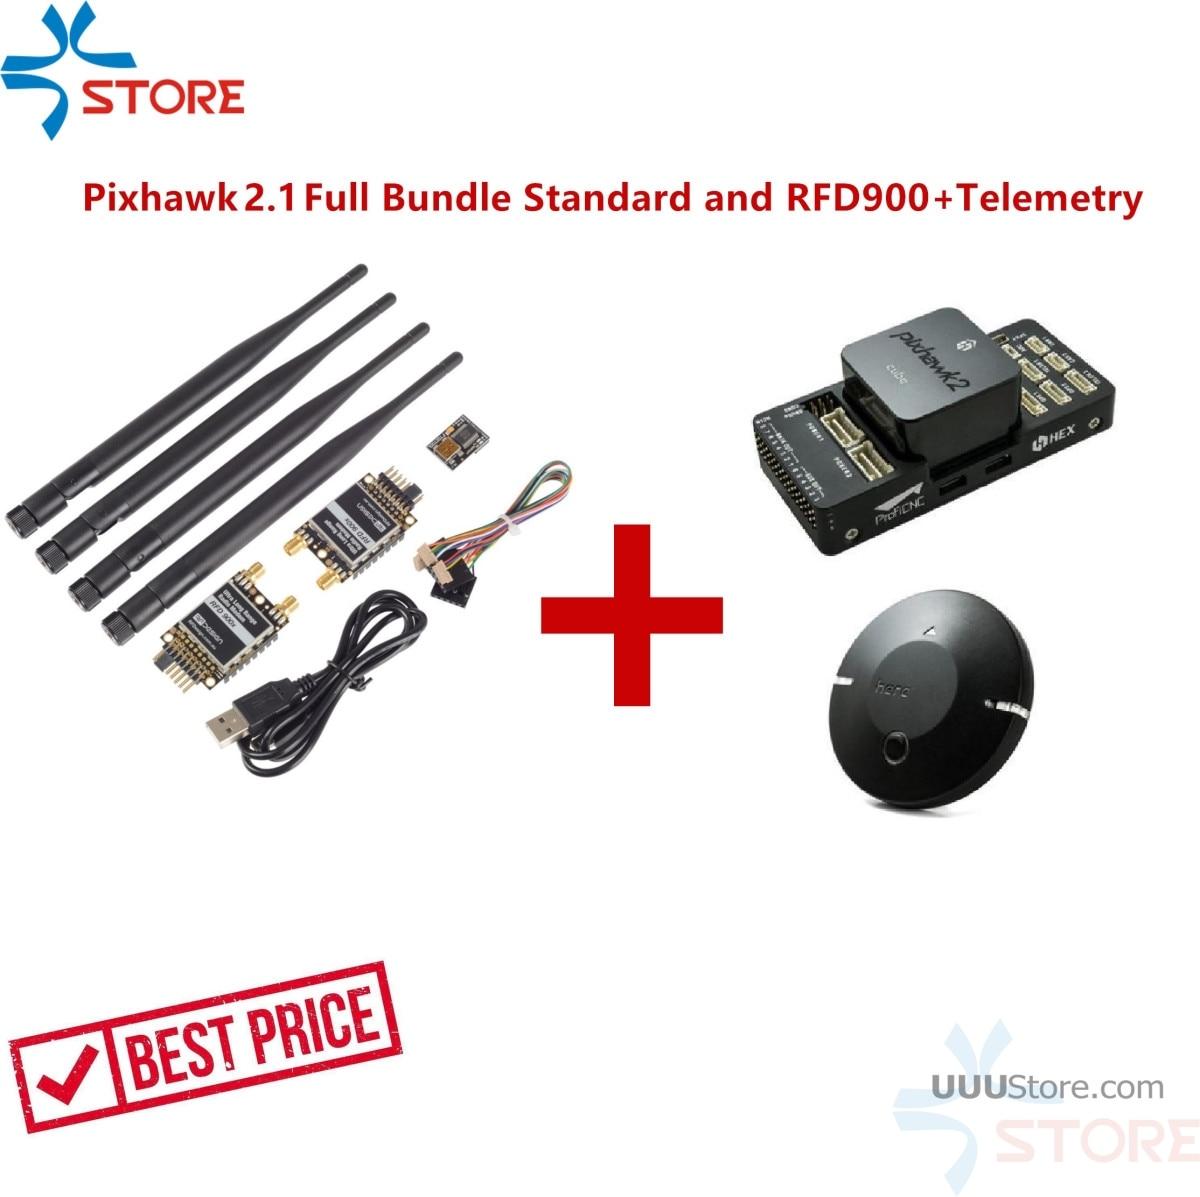 Hex Technology Pixhawk 2.1 Full Bundle Standard Carrier Board RFD900+ Telemetry Combo